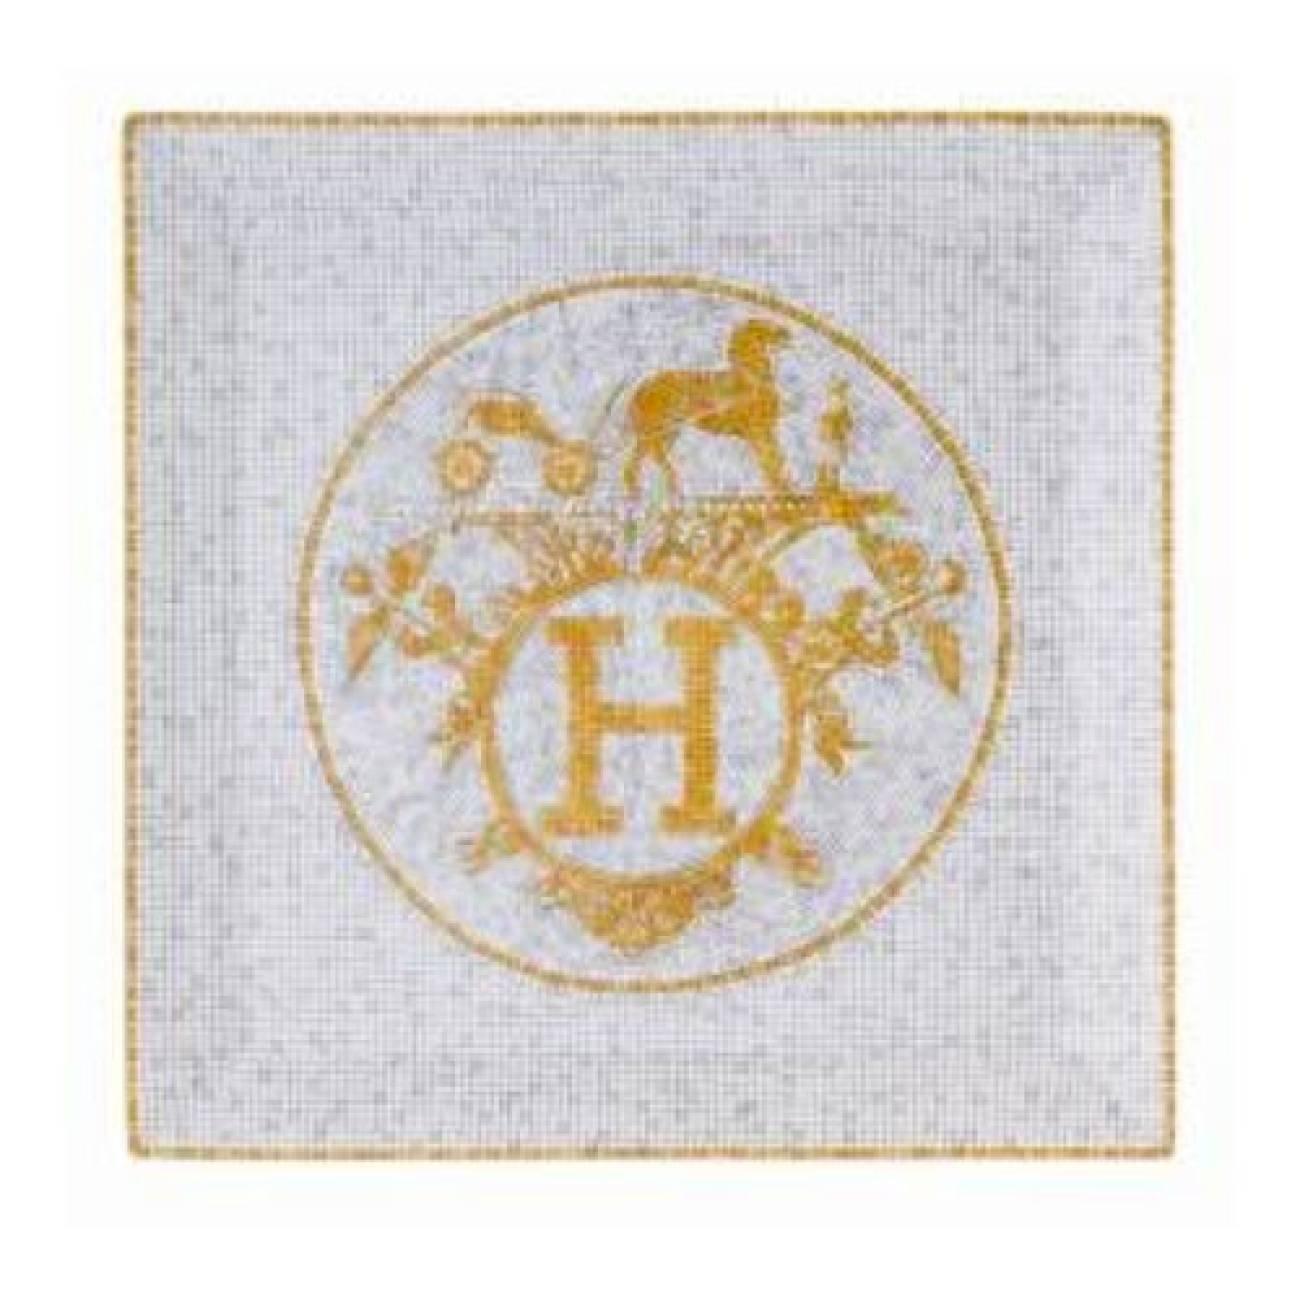 Hermes Mosaique au 24 Square Plate No. 5